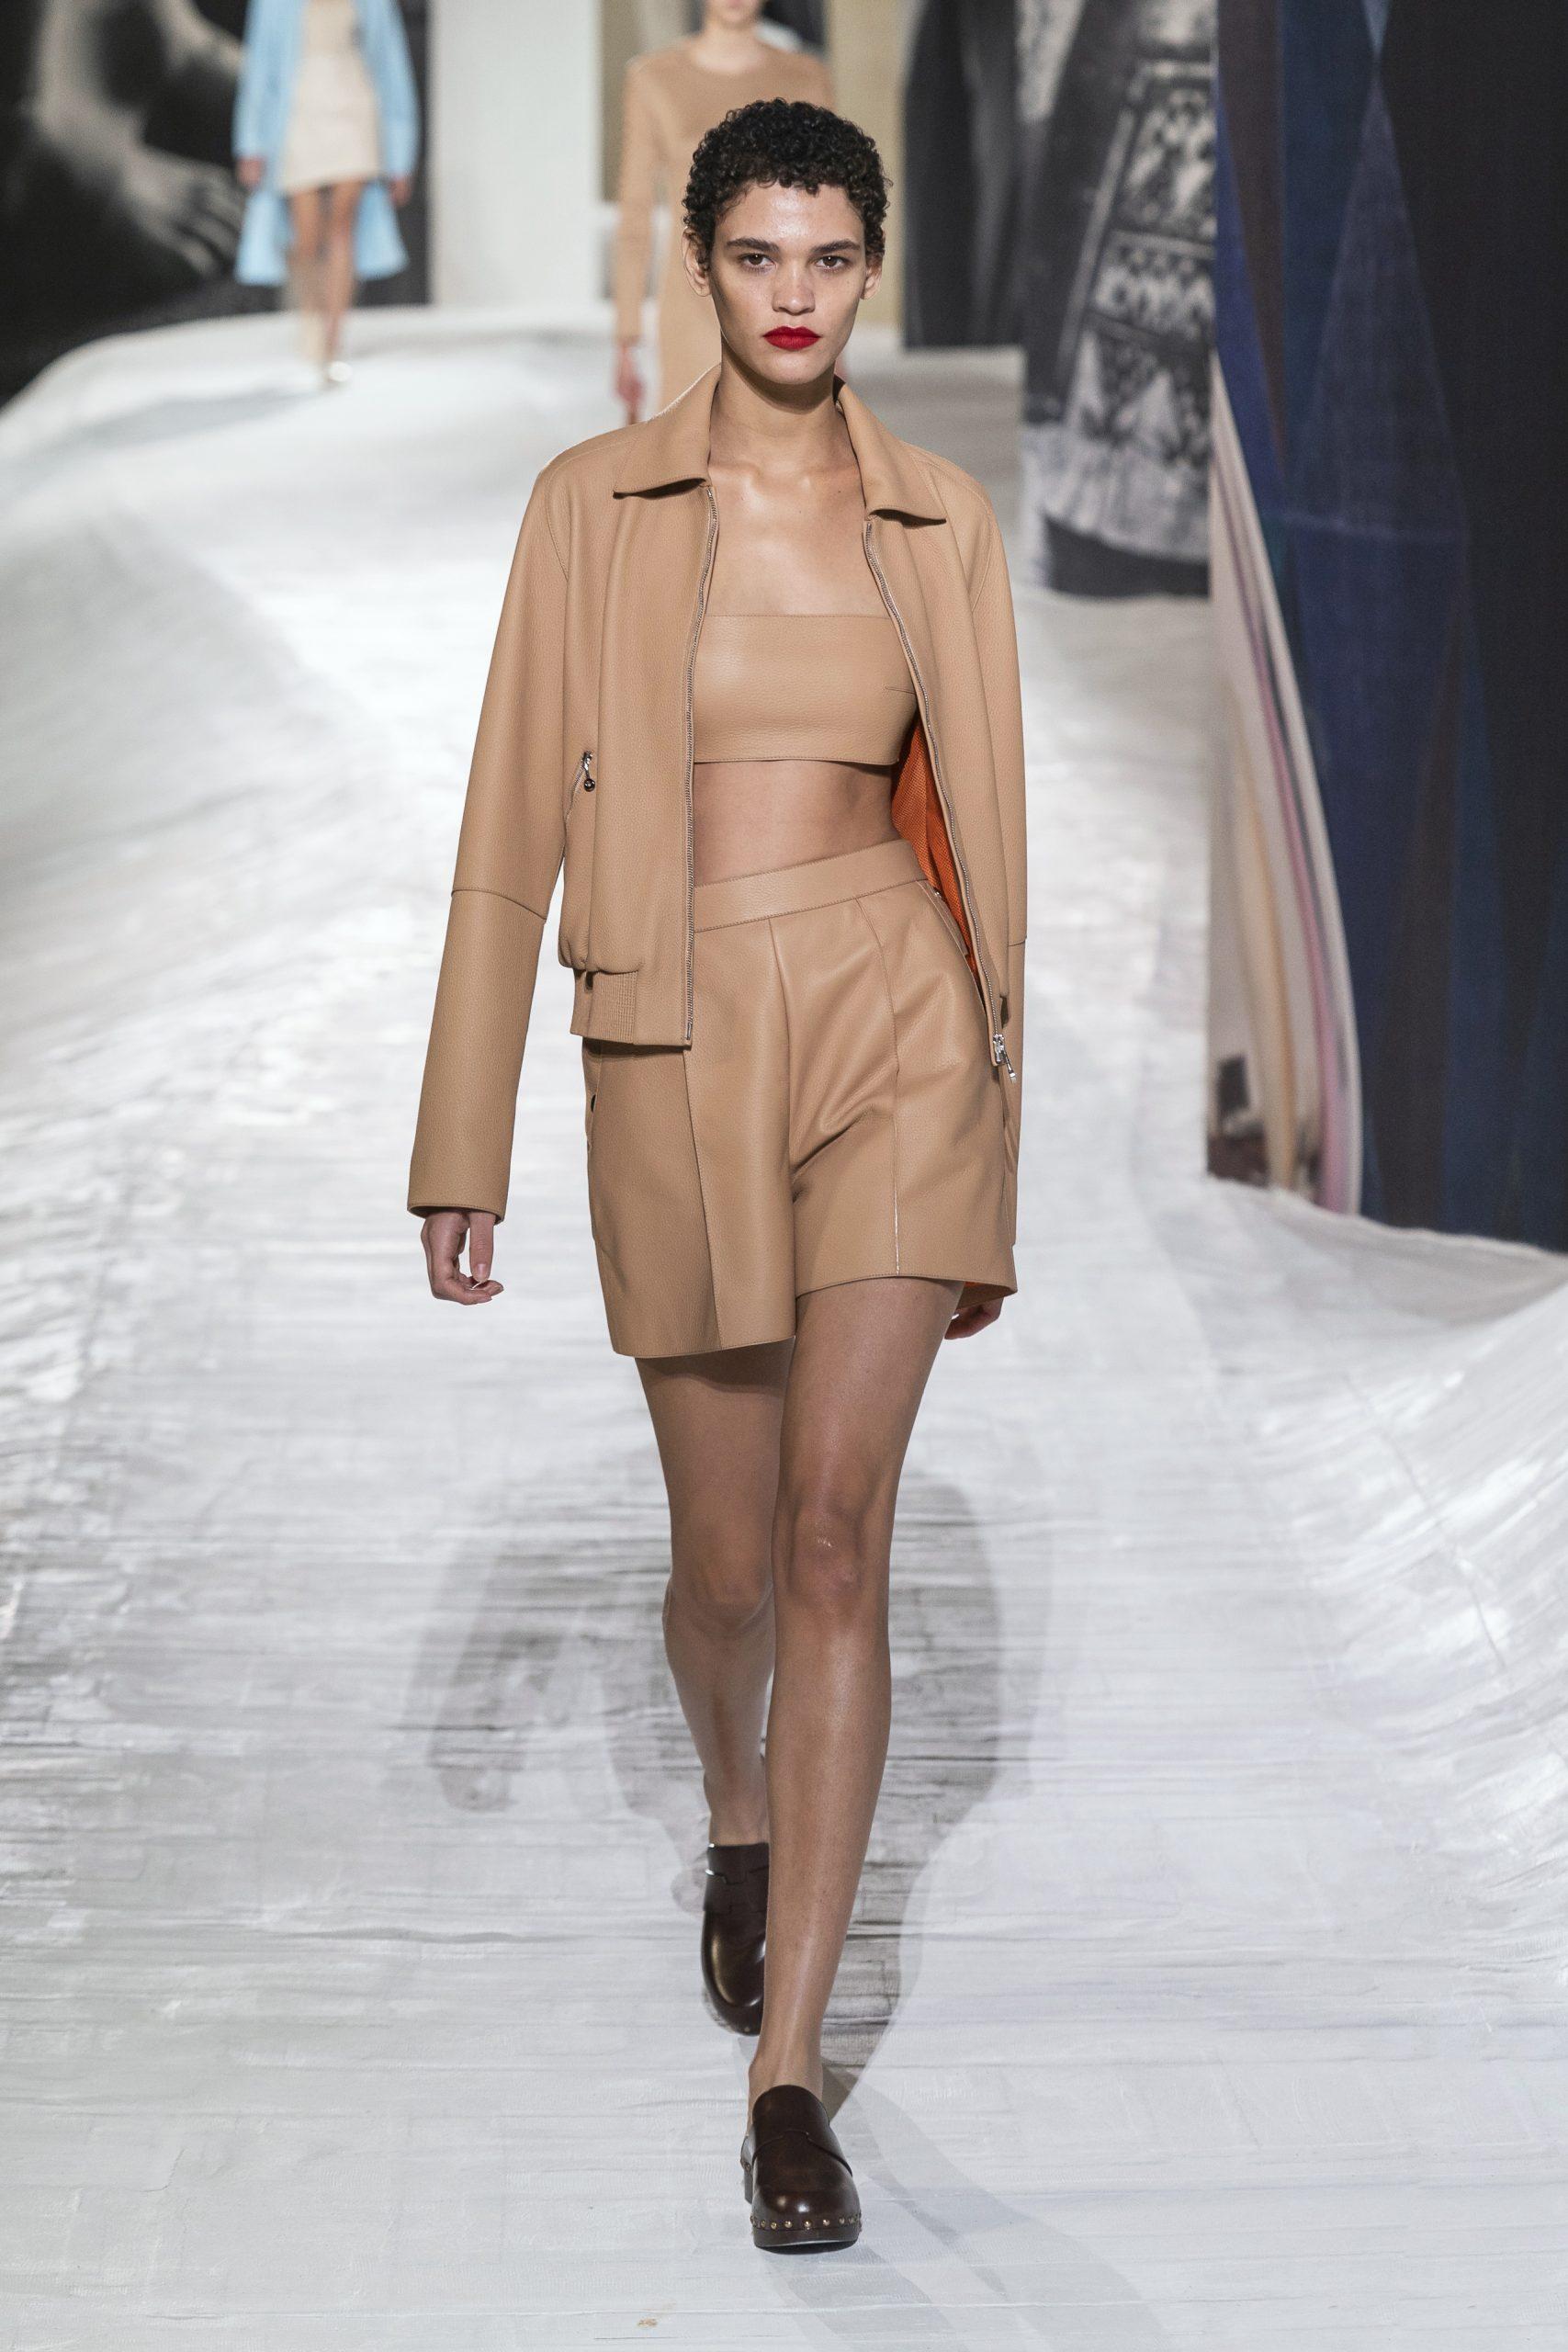 1. kép: Párizsi divathét - Hermès - 2021 tavasz-nyár - ready to wear